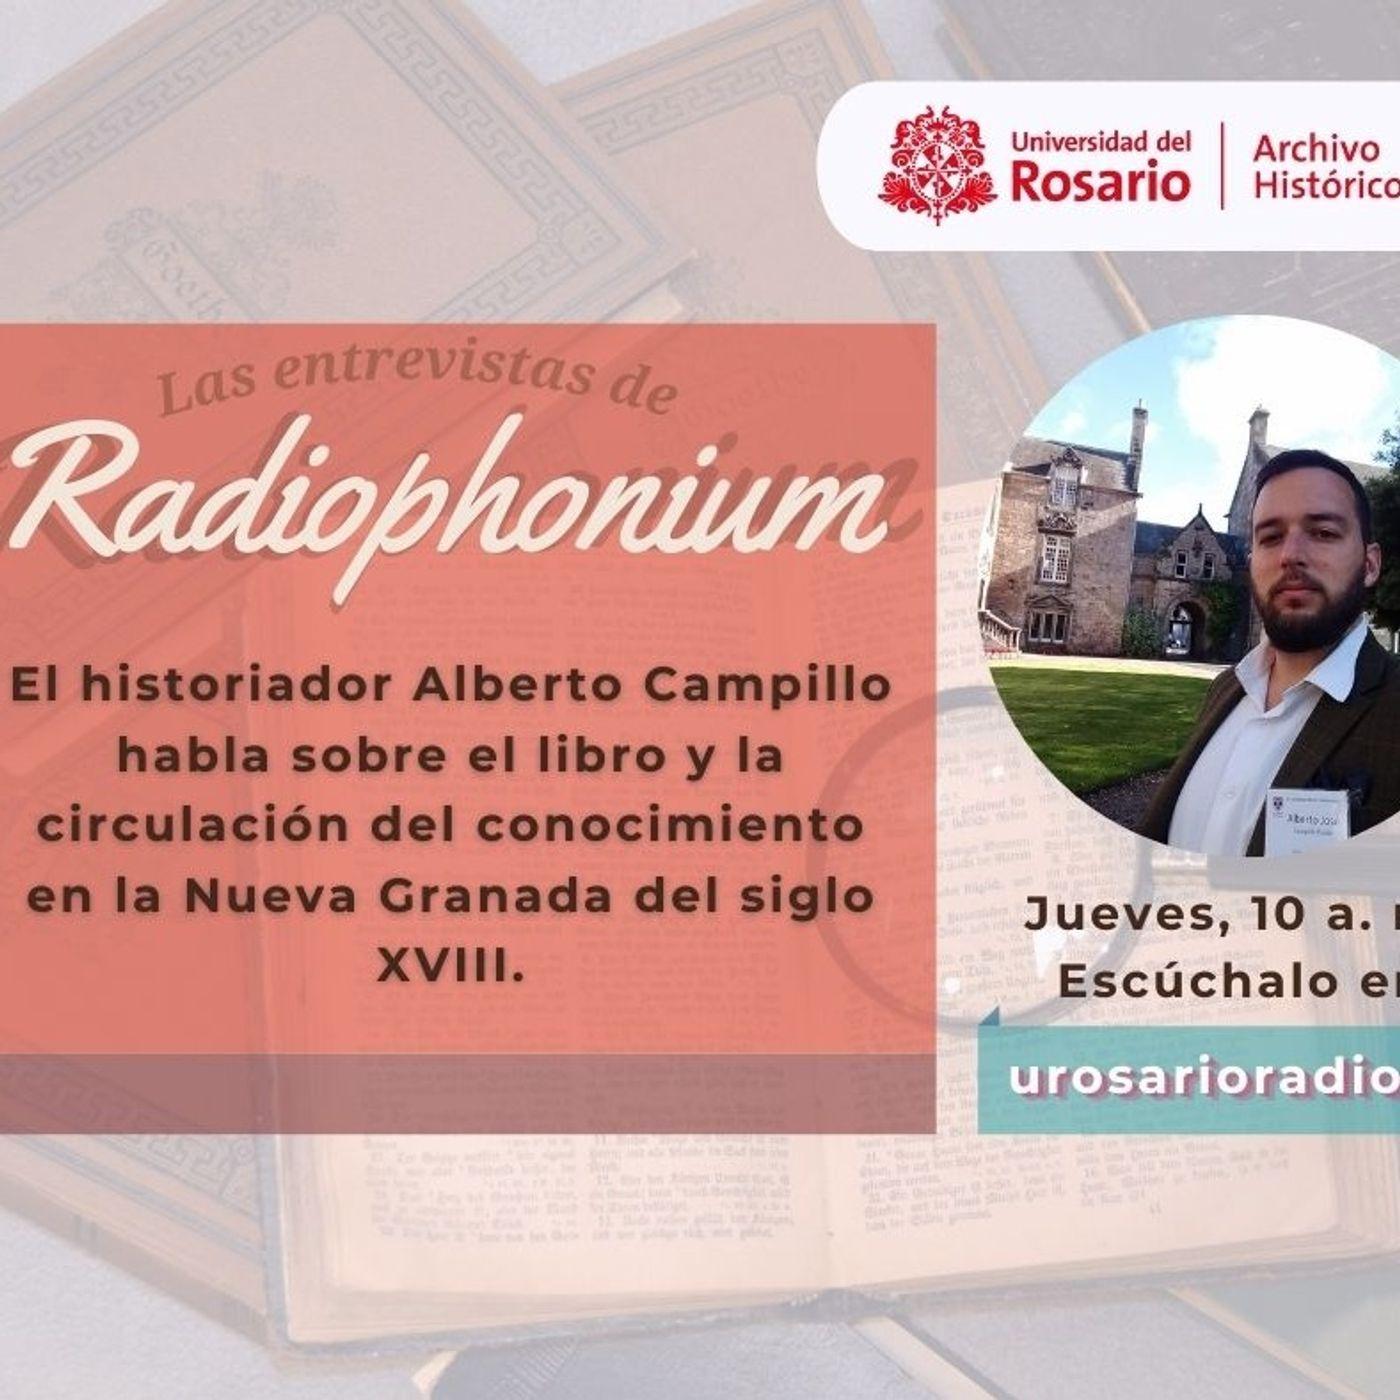 El libro y la circulación del conocimiento en la Nueva Granada del siglo XVIII